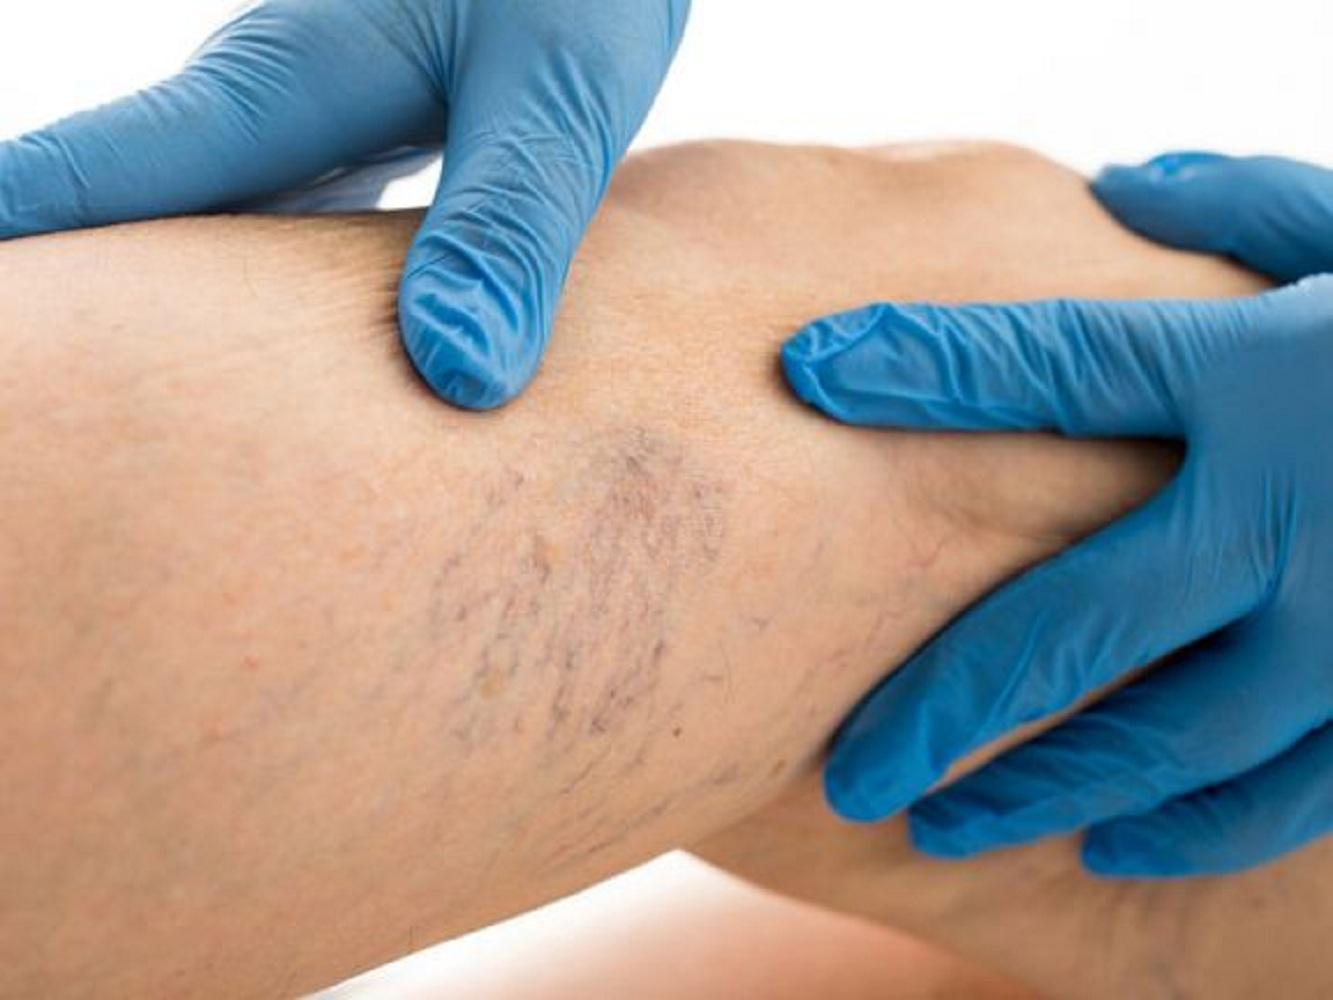 Élesztőgomba (kandidázis) férfiaknál: a patológia taktikája